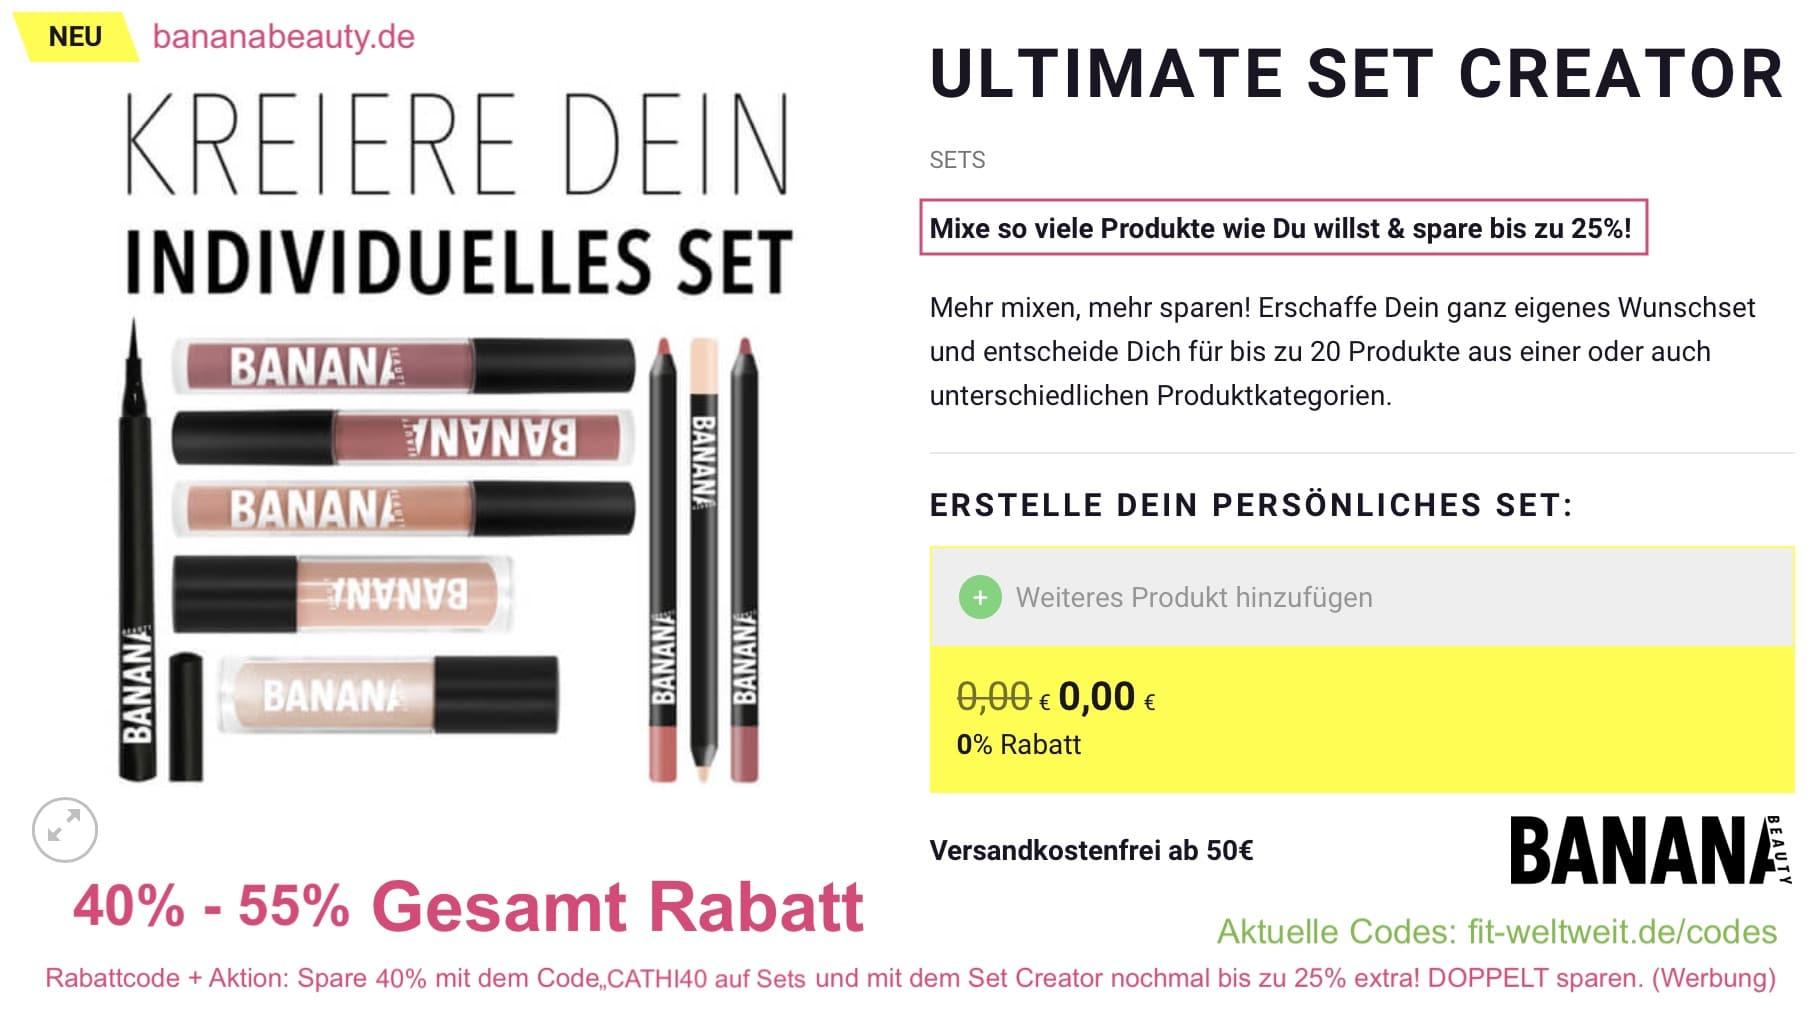 """#KOSMETIK #BANANABEAUTY #VEGAN #RABATTCODE #ERFAHRUNGEN #INSTAGRAM // BANANA BEAUTYERFAHRUNGEN (Werbung) Crueltyfree Kosmetik (tierversuchsfrei) Liquid Lipsticks und die Brushes sind vegan. Meine ganzenBANANA BEAUTY Erfahrungen mit den Kosmetik Produkten. Banana Beauty Lipstick Farben, Erfahrungsbericht (Was passt zu wem?), Lippenstifte, Lipliner Erfahrungen, Eyeshadow Paletten von Banana Beauty // 25% Rabatt bekommst du im gesamten Shop von Banana Beauty mit dem Rabatt Code """"CATHI40"""""""